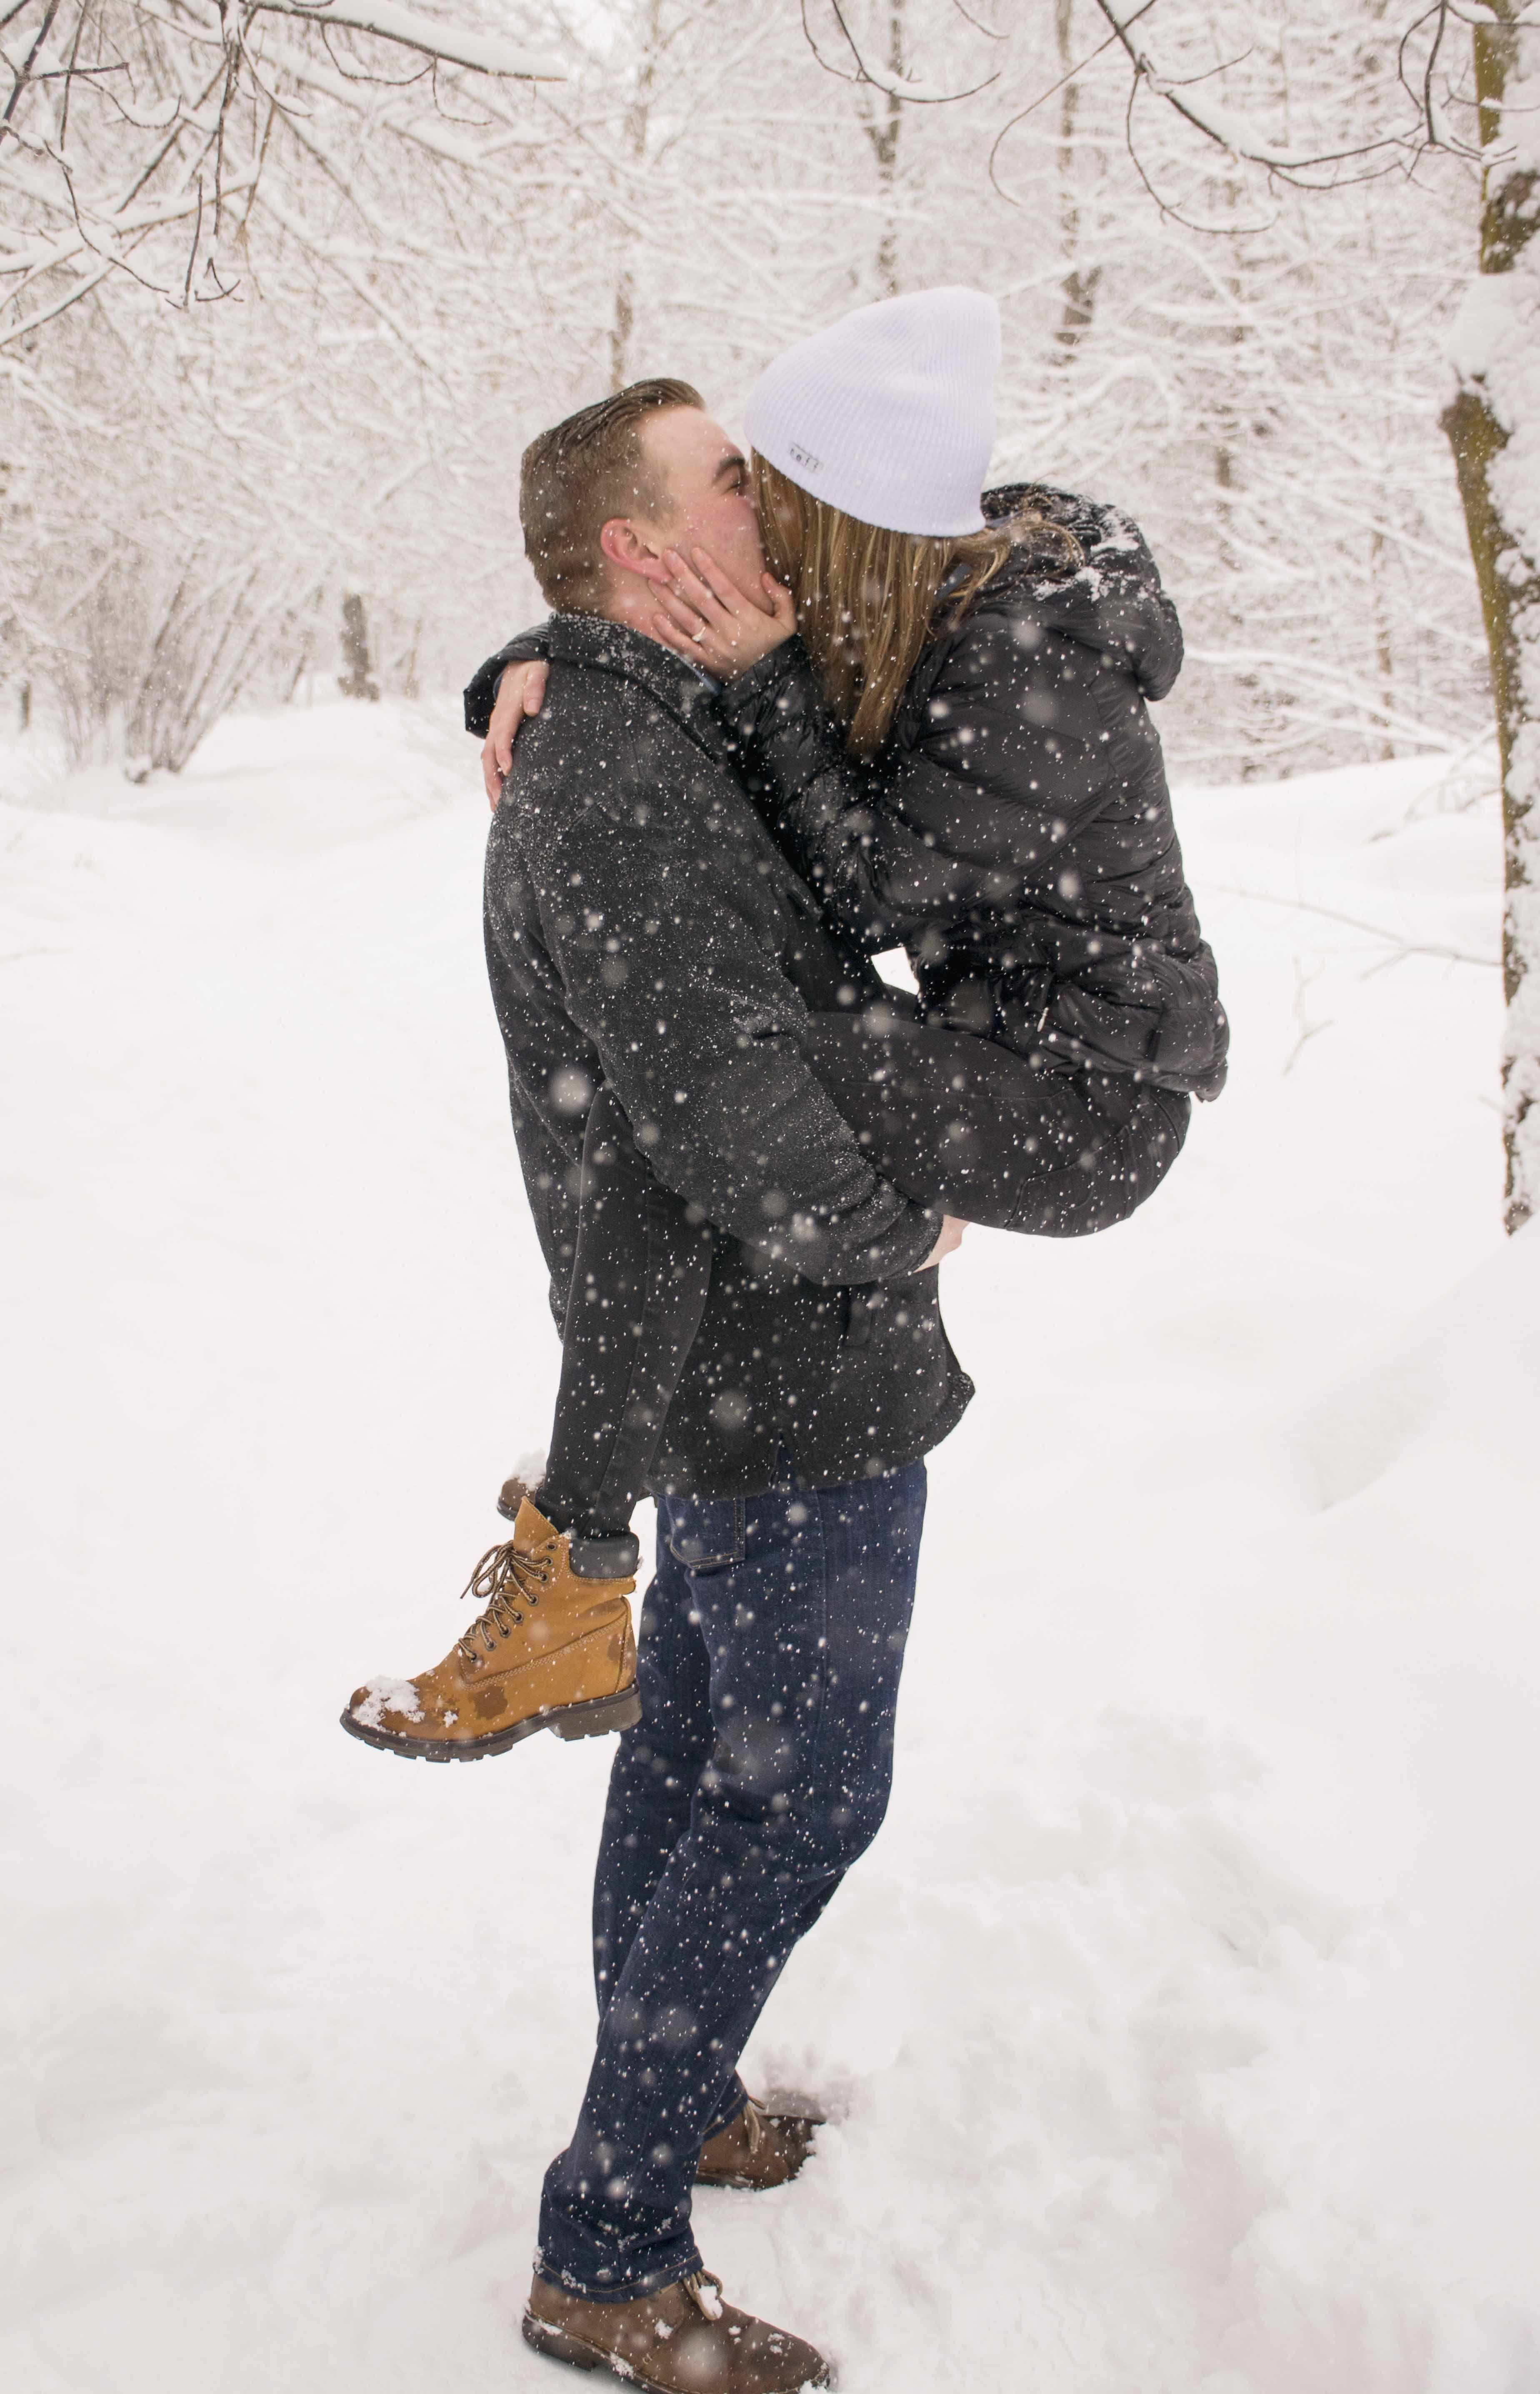 фото пар зимой со спины красивые необыкновенные